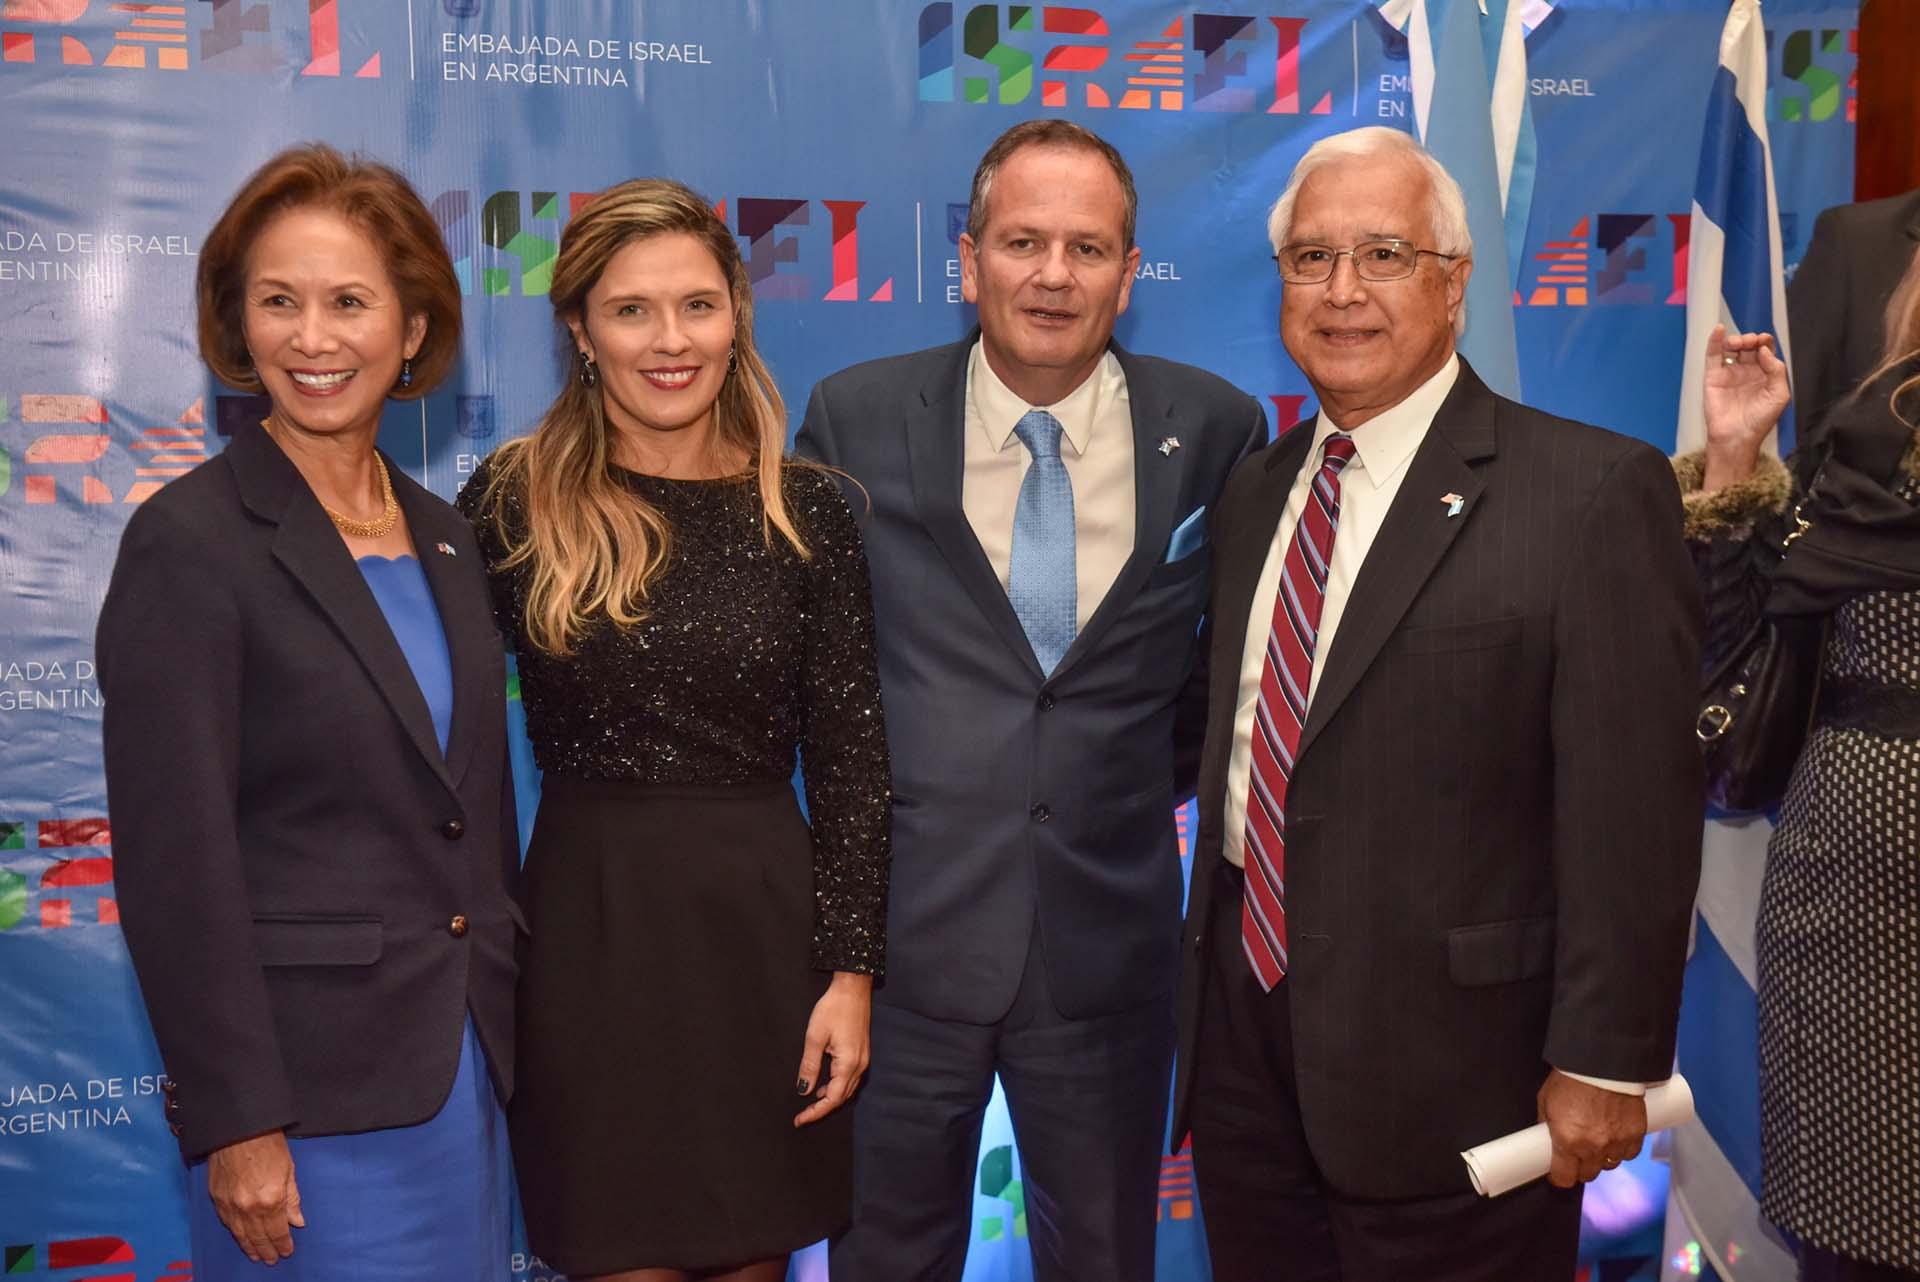 El embajador de israel junto a su par de Estados Unidos, Edward Prado